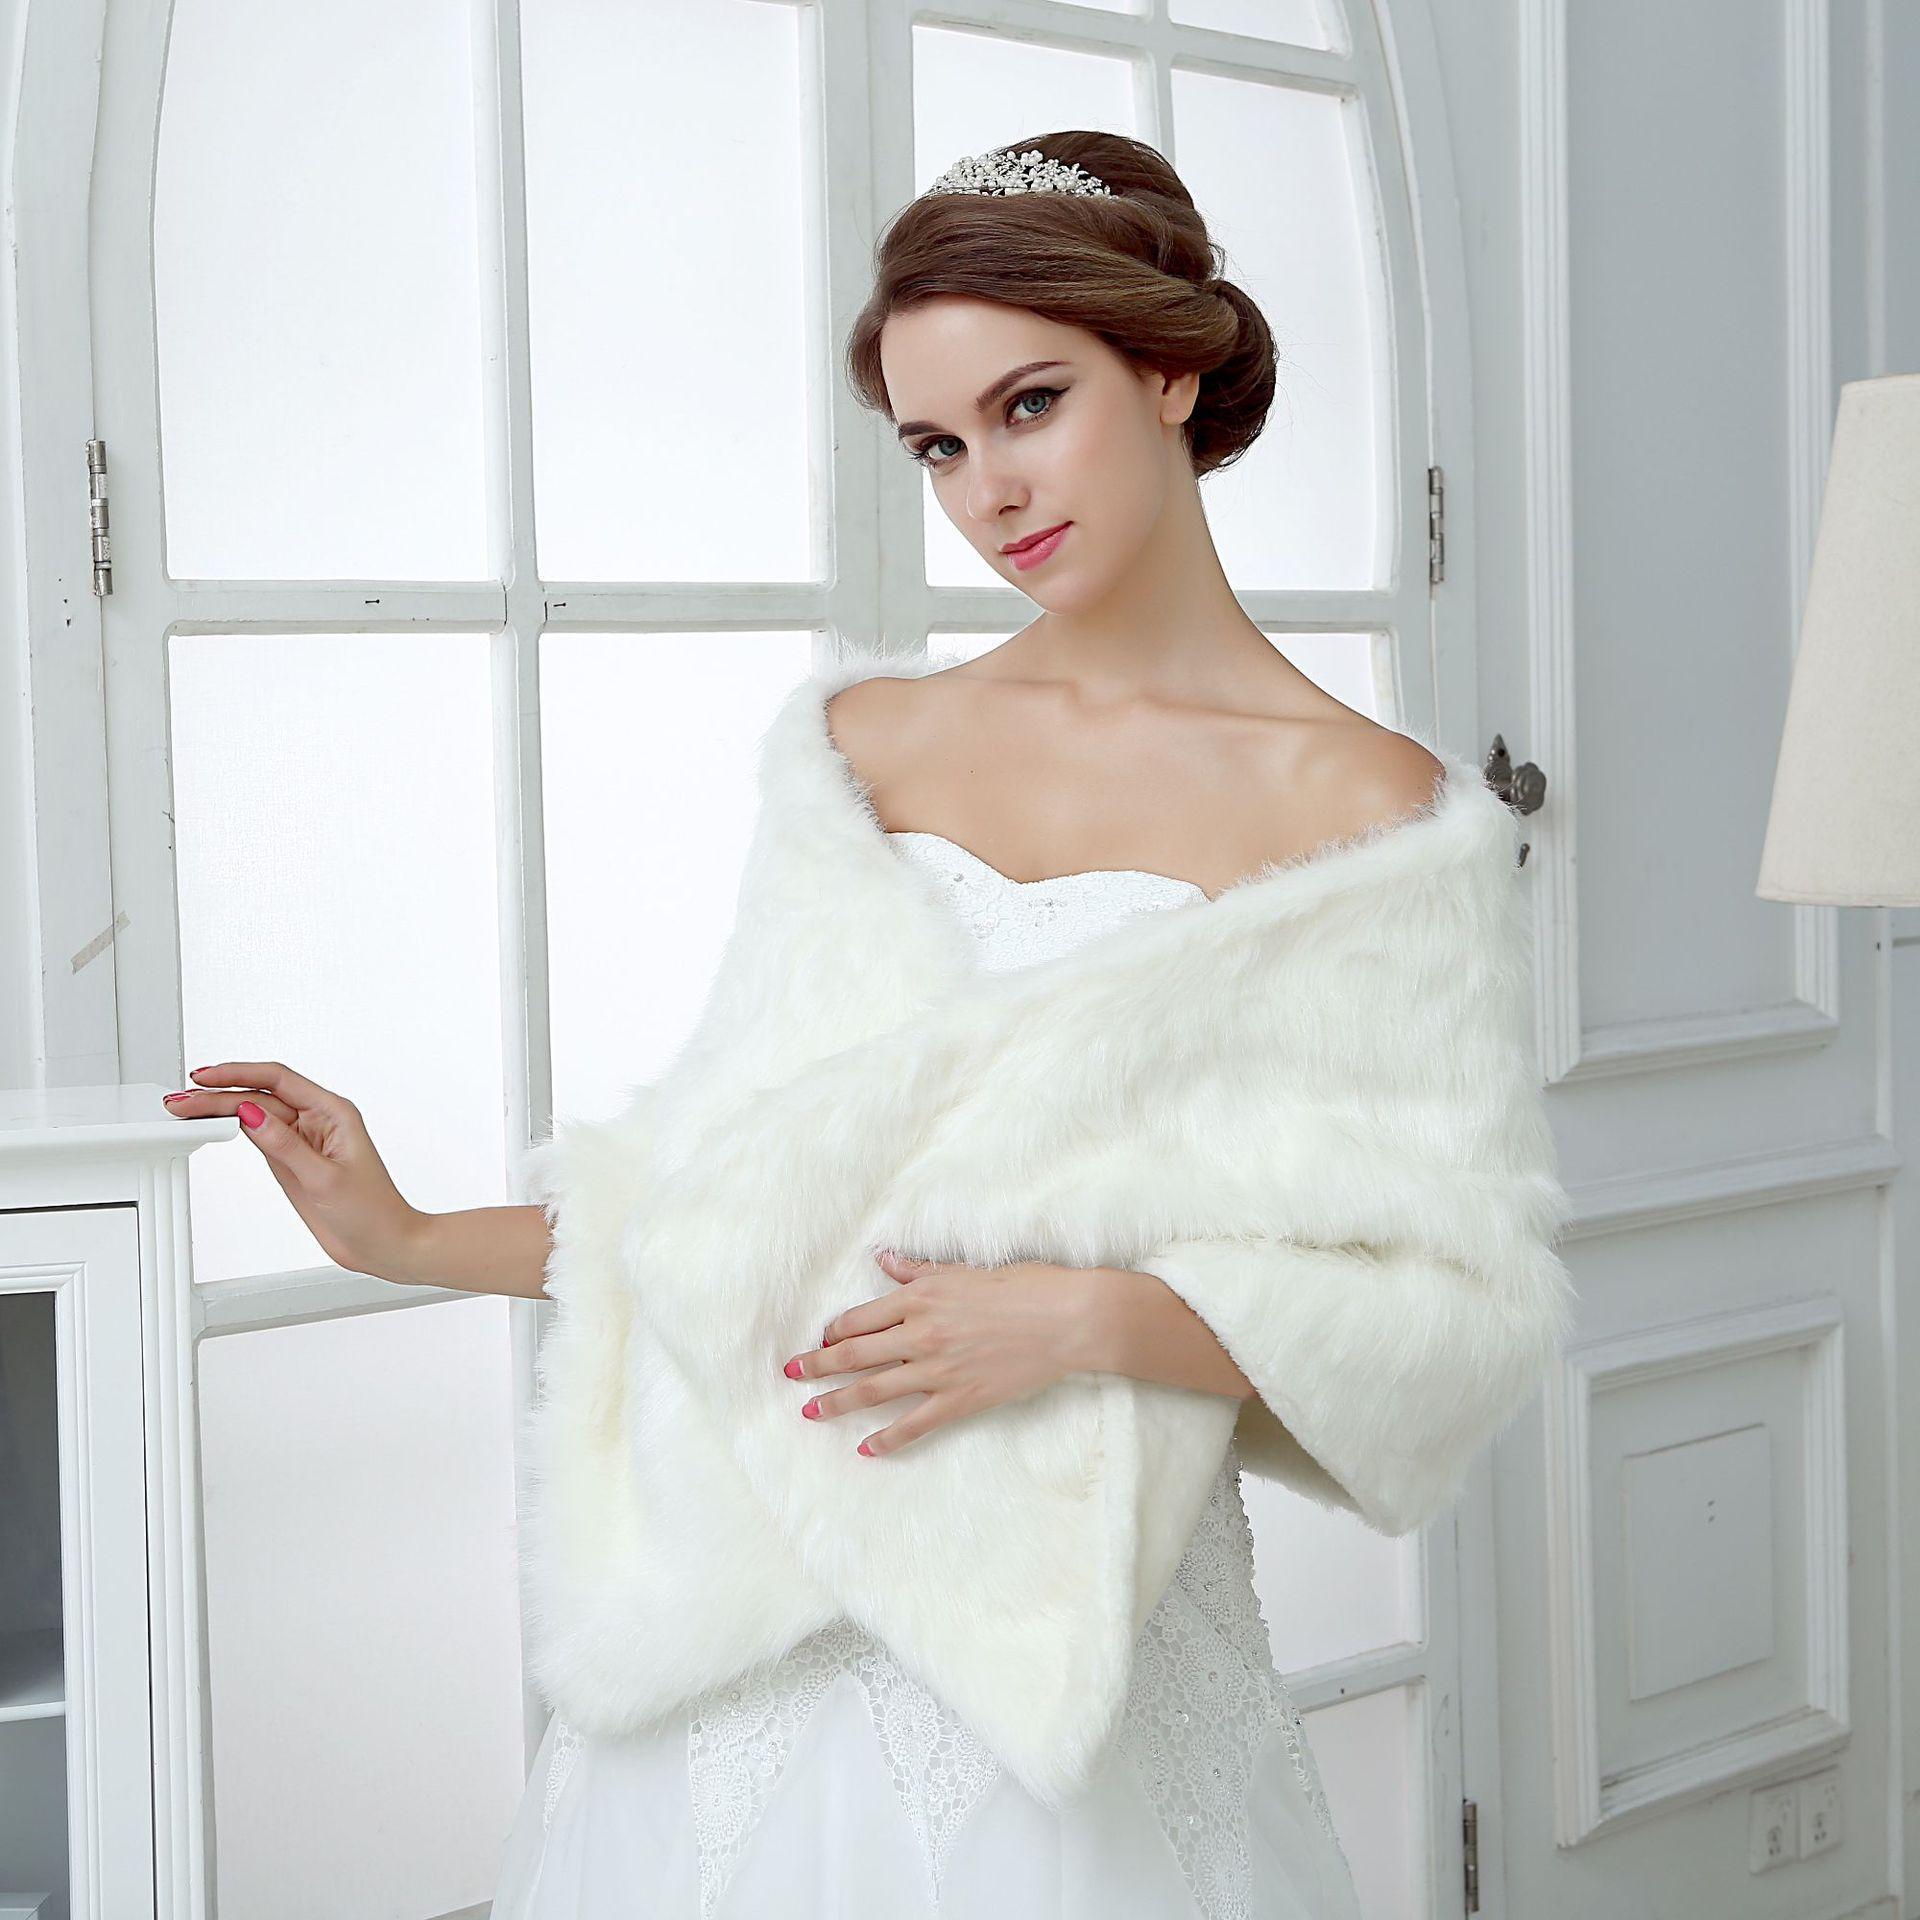 шарклеты накидка для свадебного платья фото нестандартную очаровательную романтическую